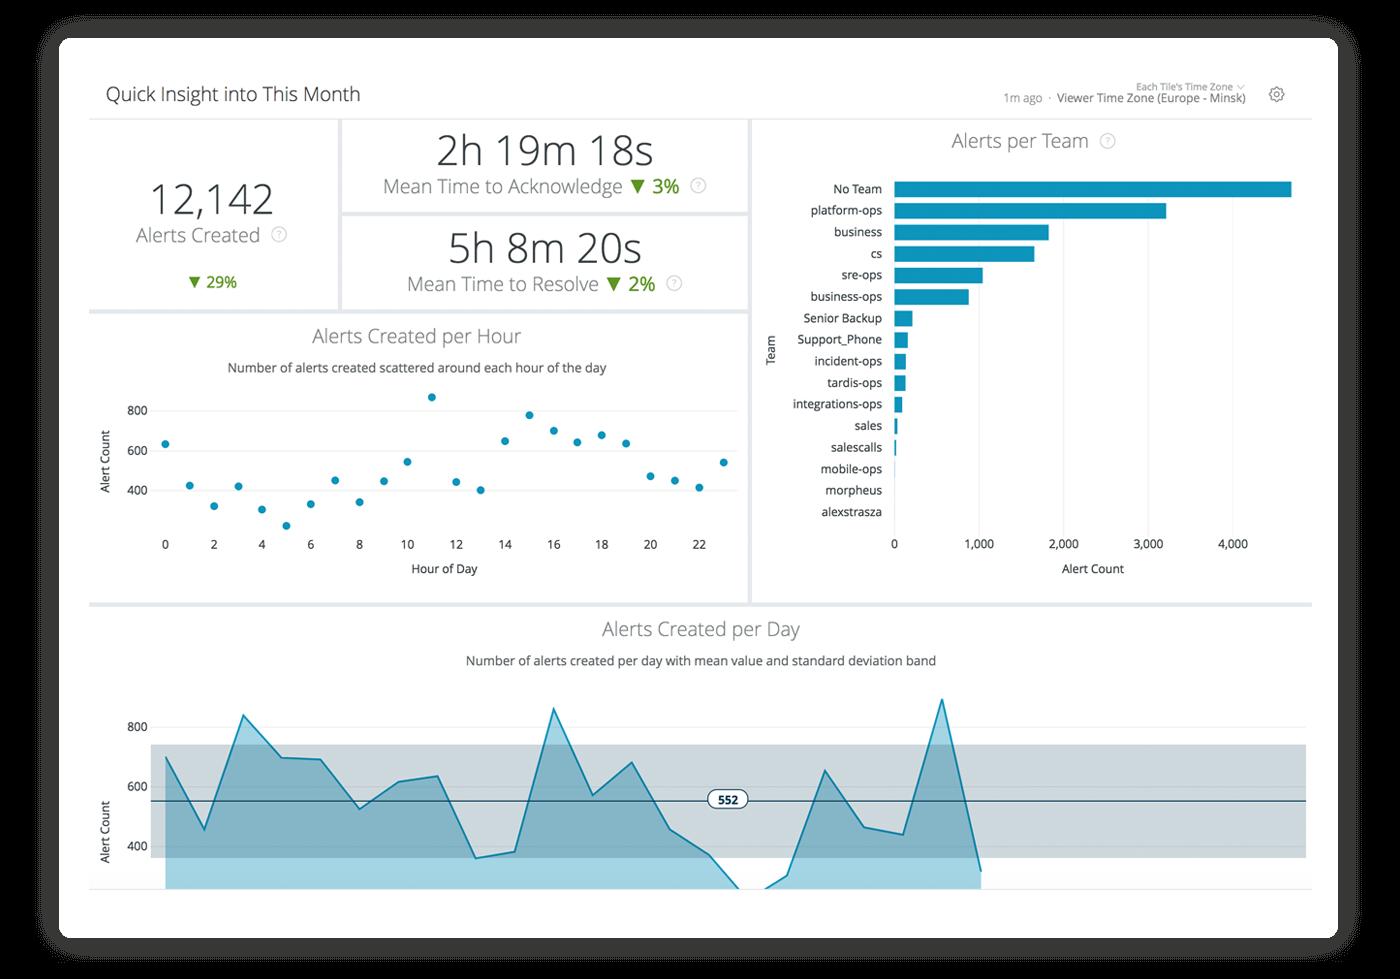 Zrzut ekranu przedstawiający analizę miesięcznych danych ogólnych